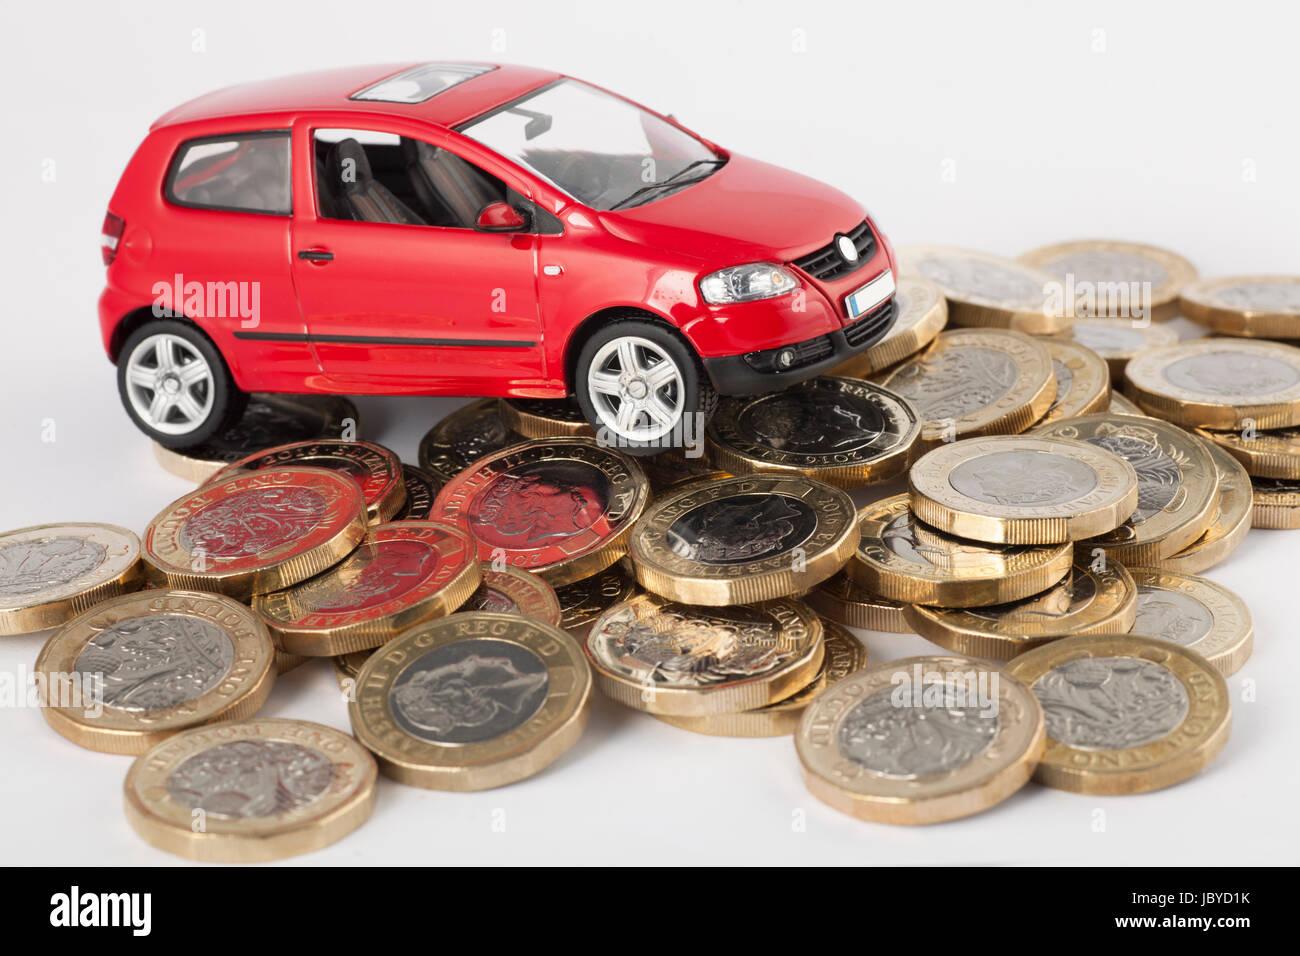 Kosten für Autofahren, Reparaturen, Steuer, TÜV und Versicherungen. Neue Pfund-Münzen. Stockbild